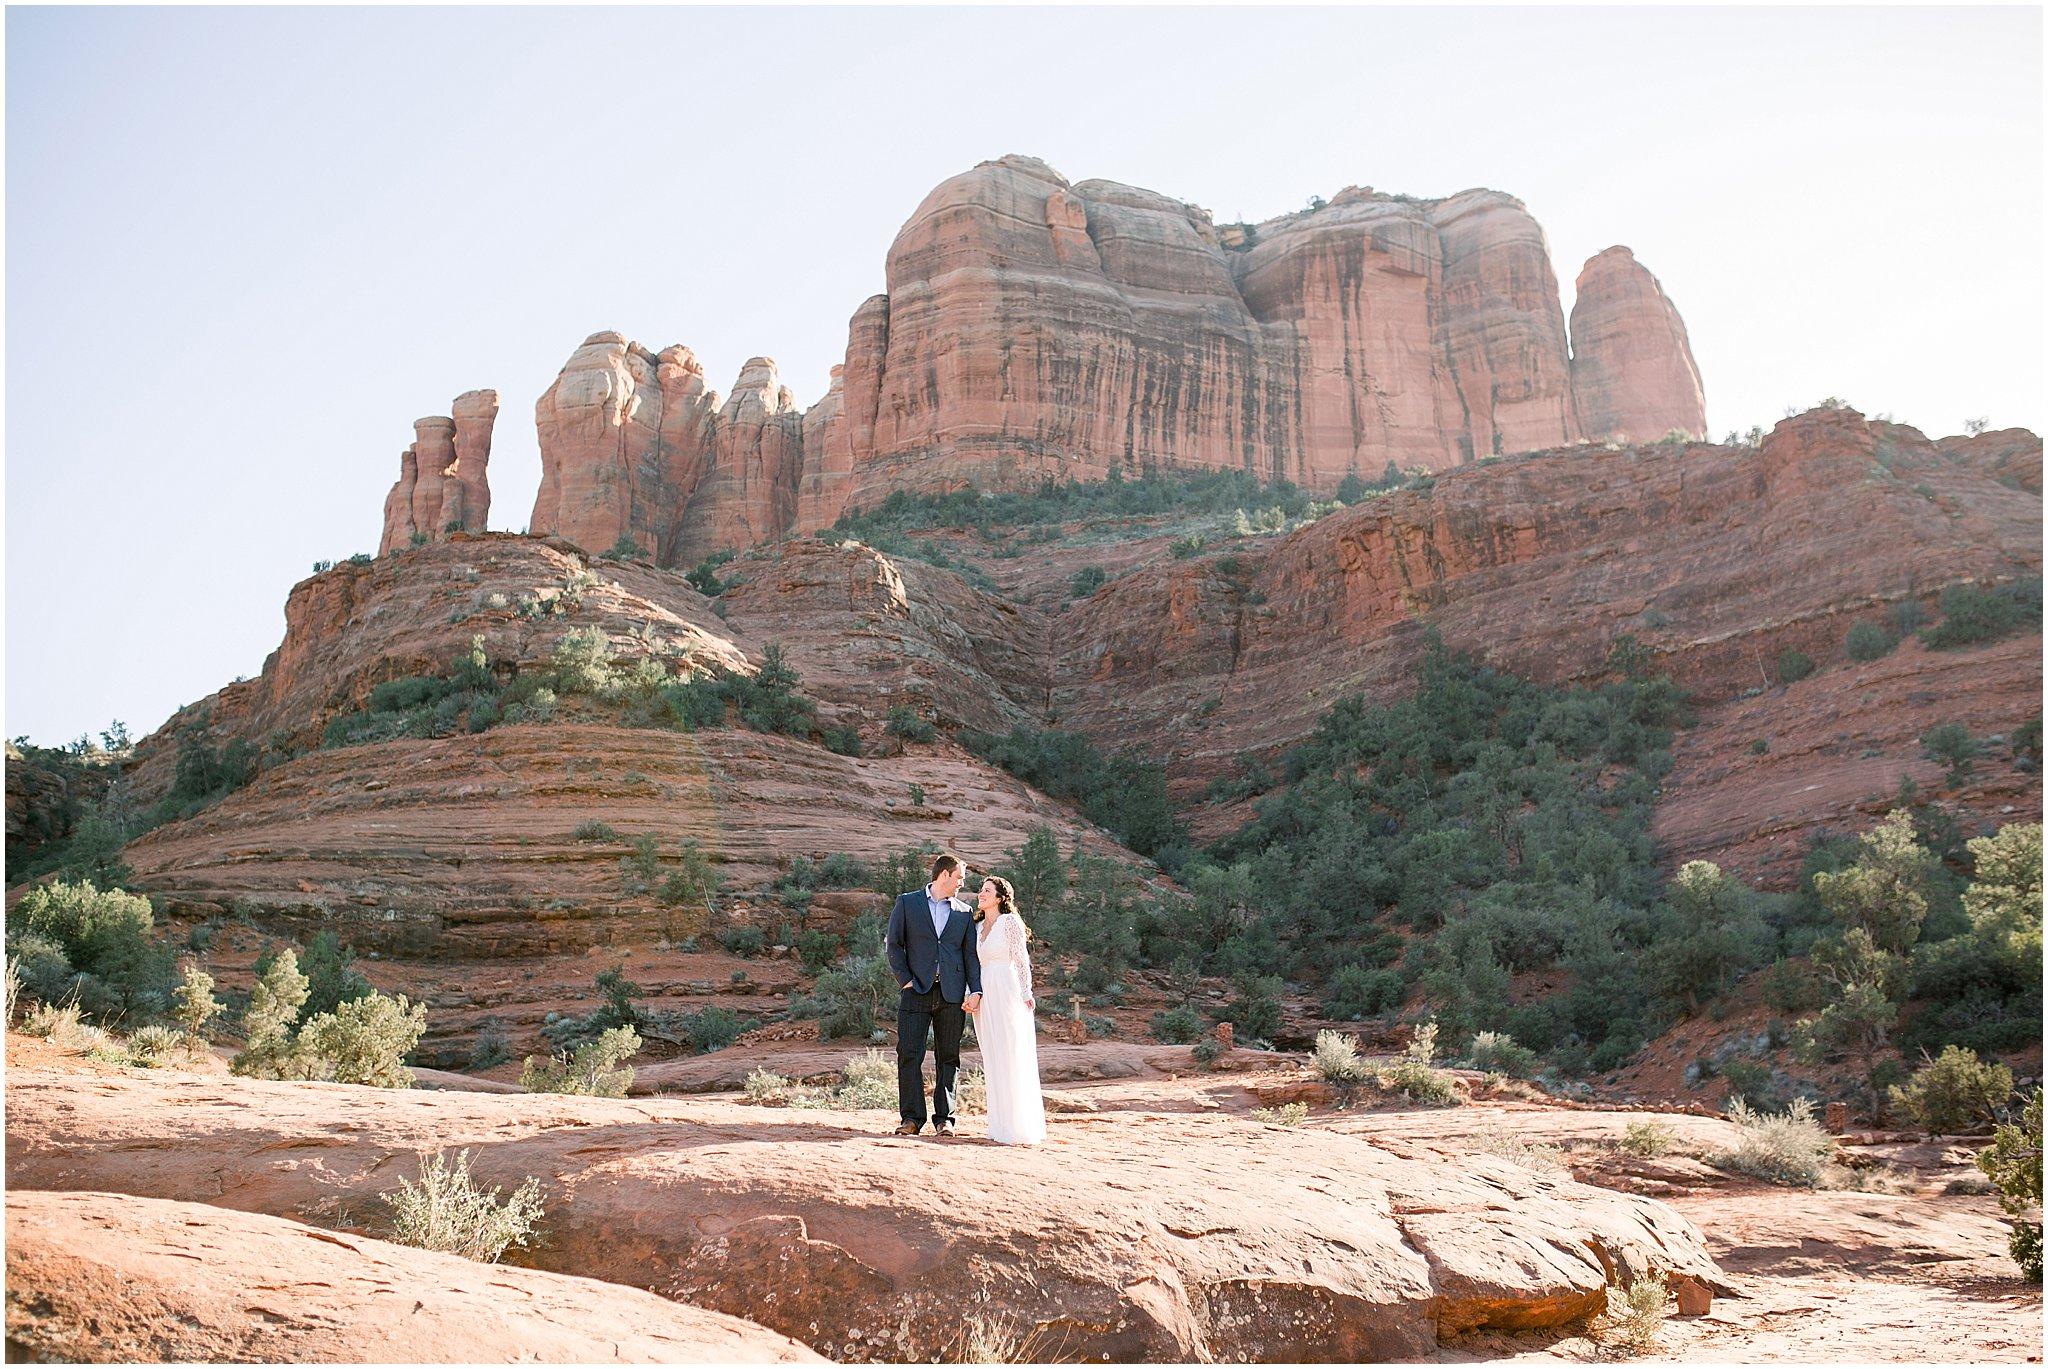 sedona-arizona-engagement-photographer_0009.jpg